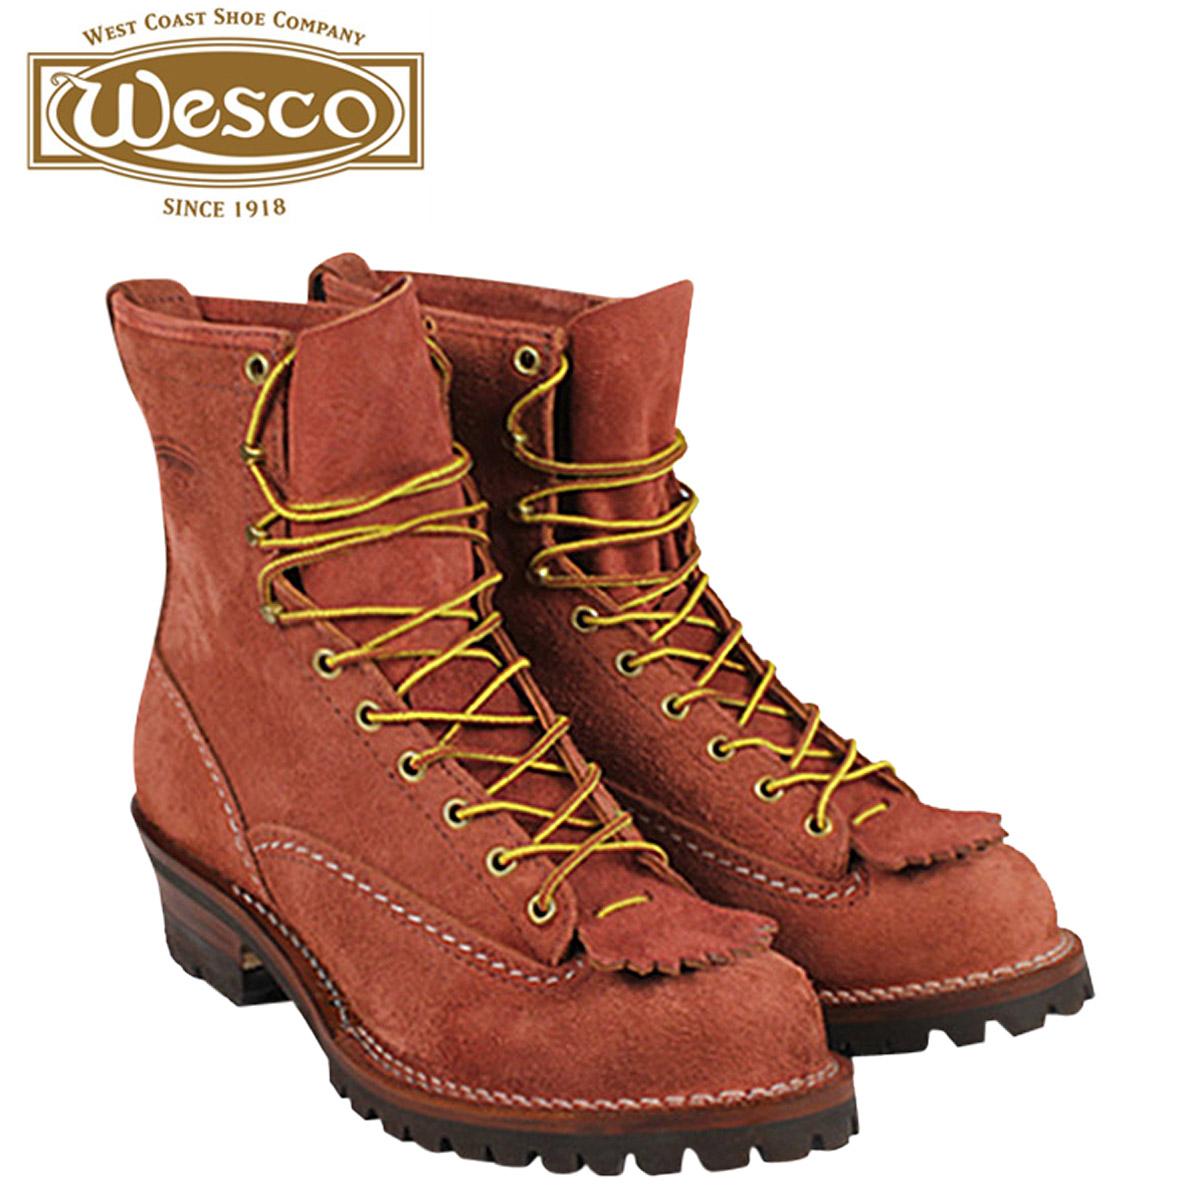 WESCO ウエスコ 8インチ ジョブマスター ブーツ 8INCH JOB MASTER Eワイズ スエード レッドウッド RW108100 ウェスコ メンズ